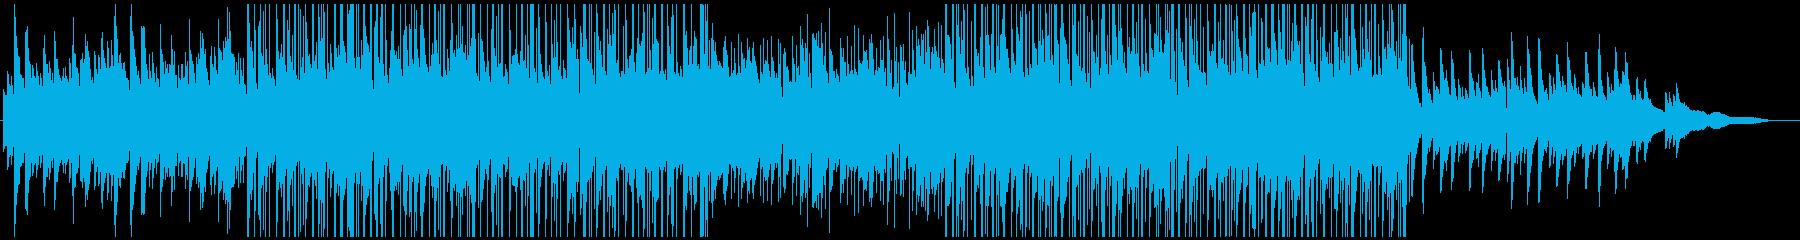 ゆったりまったりHipHop その3の再生済みの波形